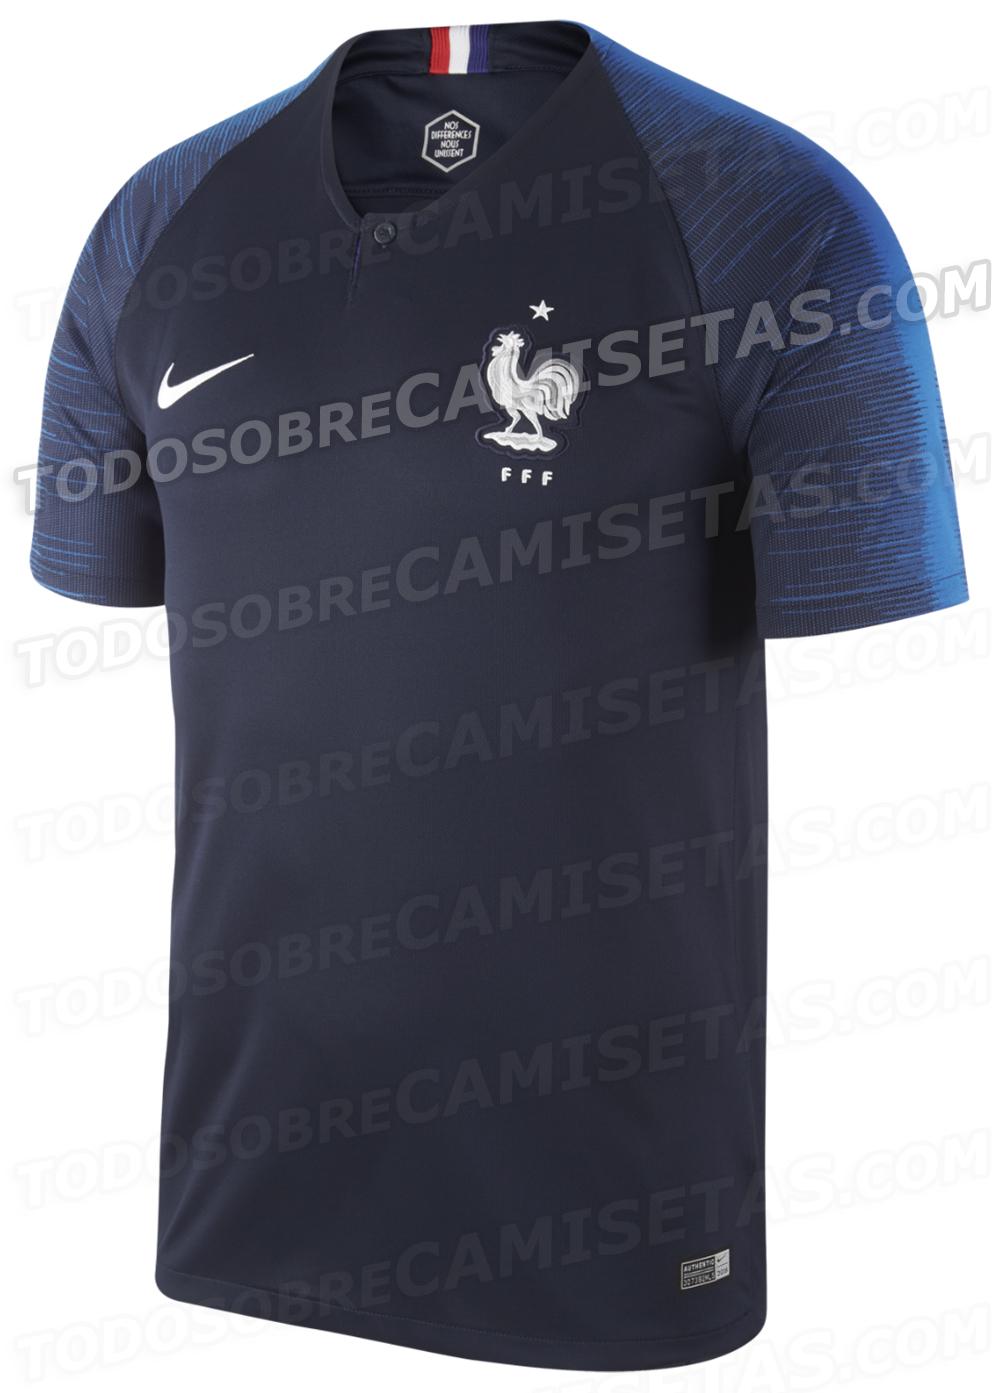 2a2980ec24 Site exibe imagens de camisas da França para a Copa do Mundo de 2018 ...